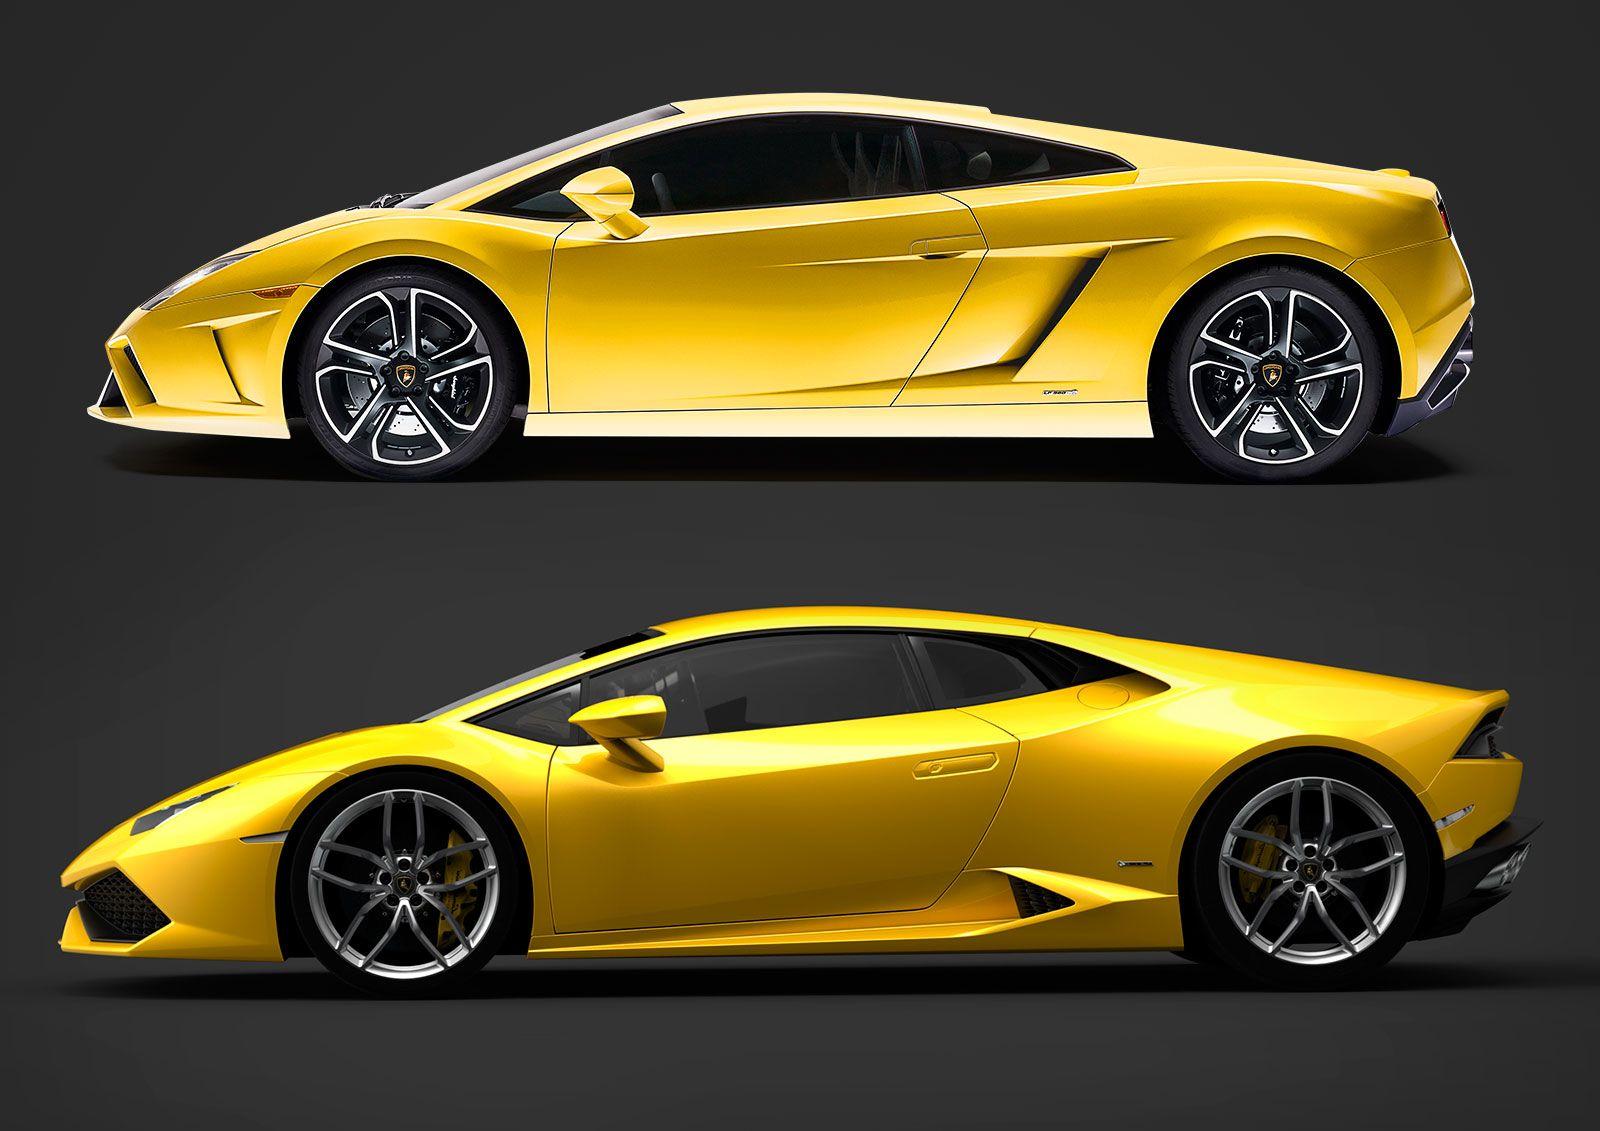 Pin By Joe Clark On I Like Italian Lamborghini Gallardo Lamborghini Huracan Lamborghini